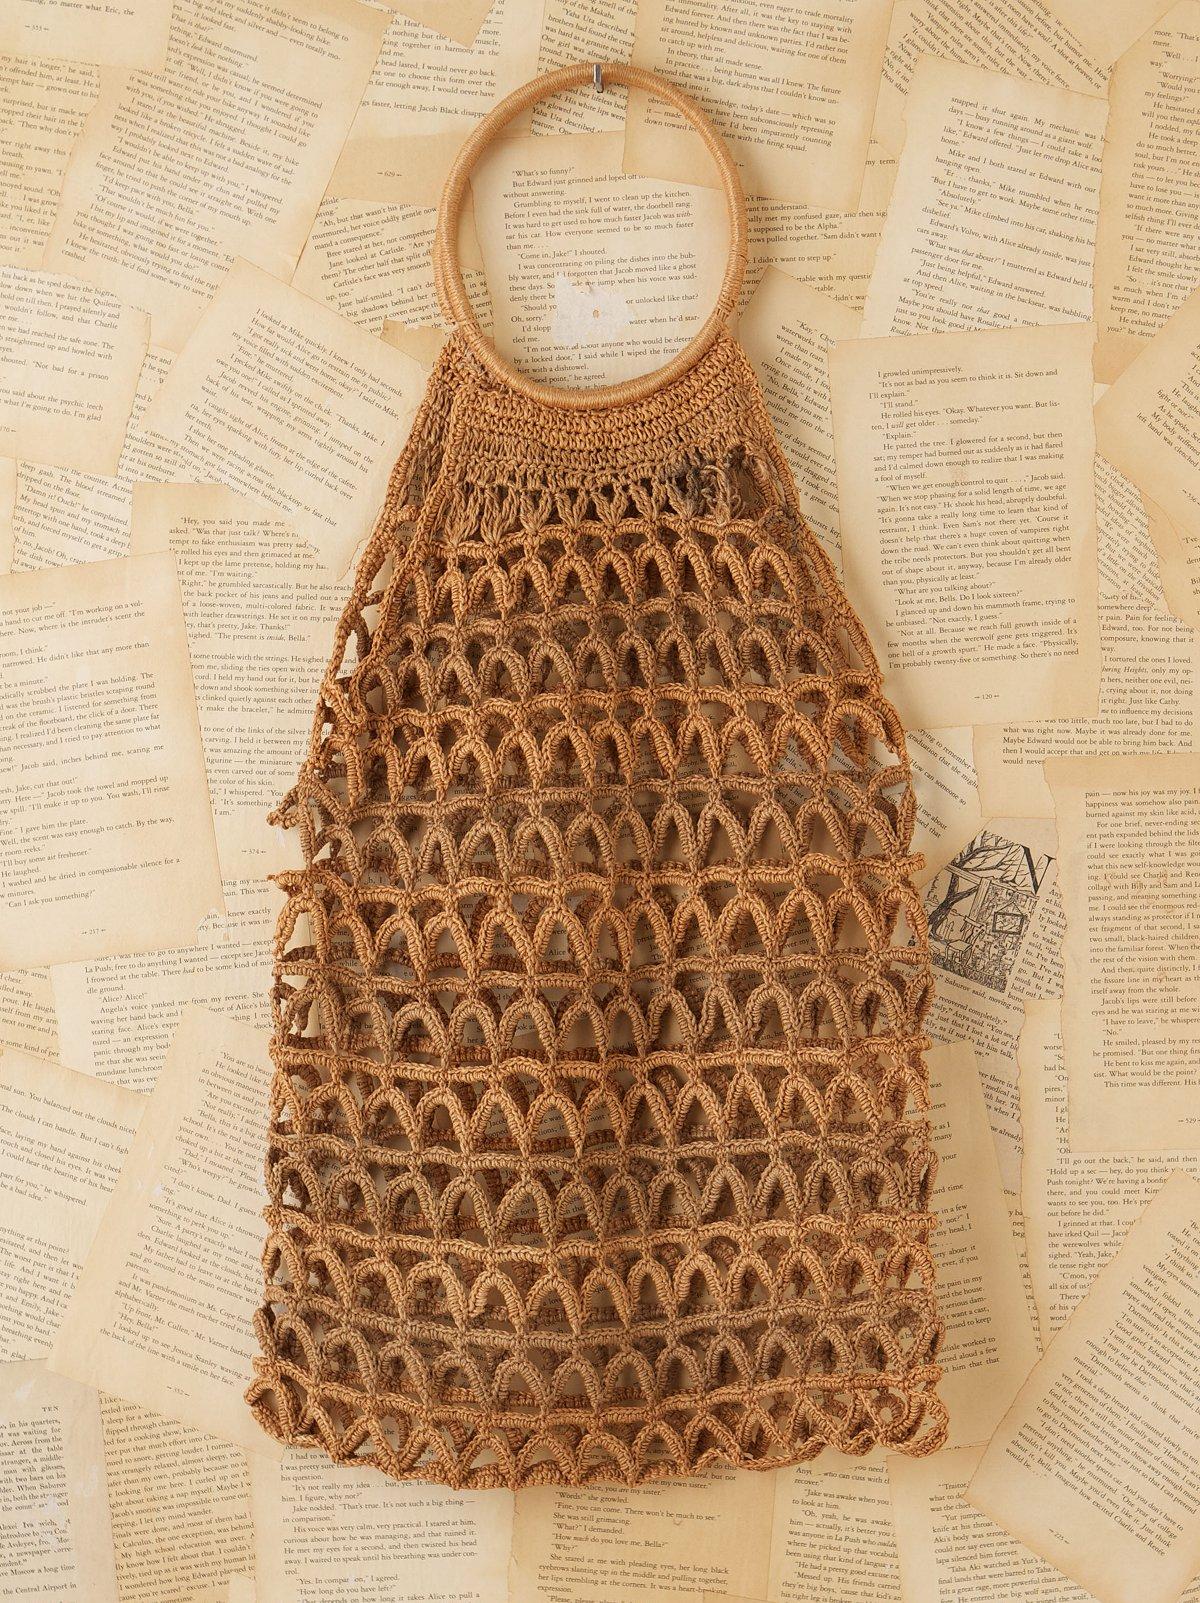 Vintage Net Bag